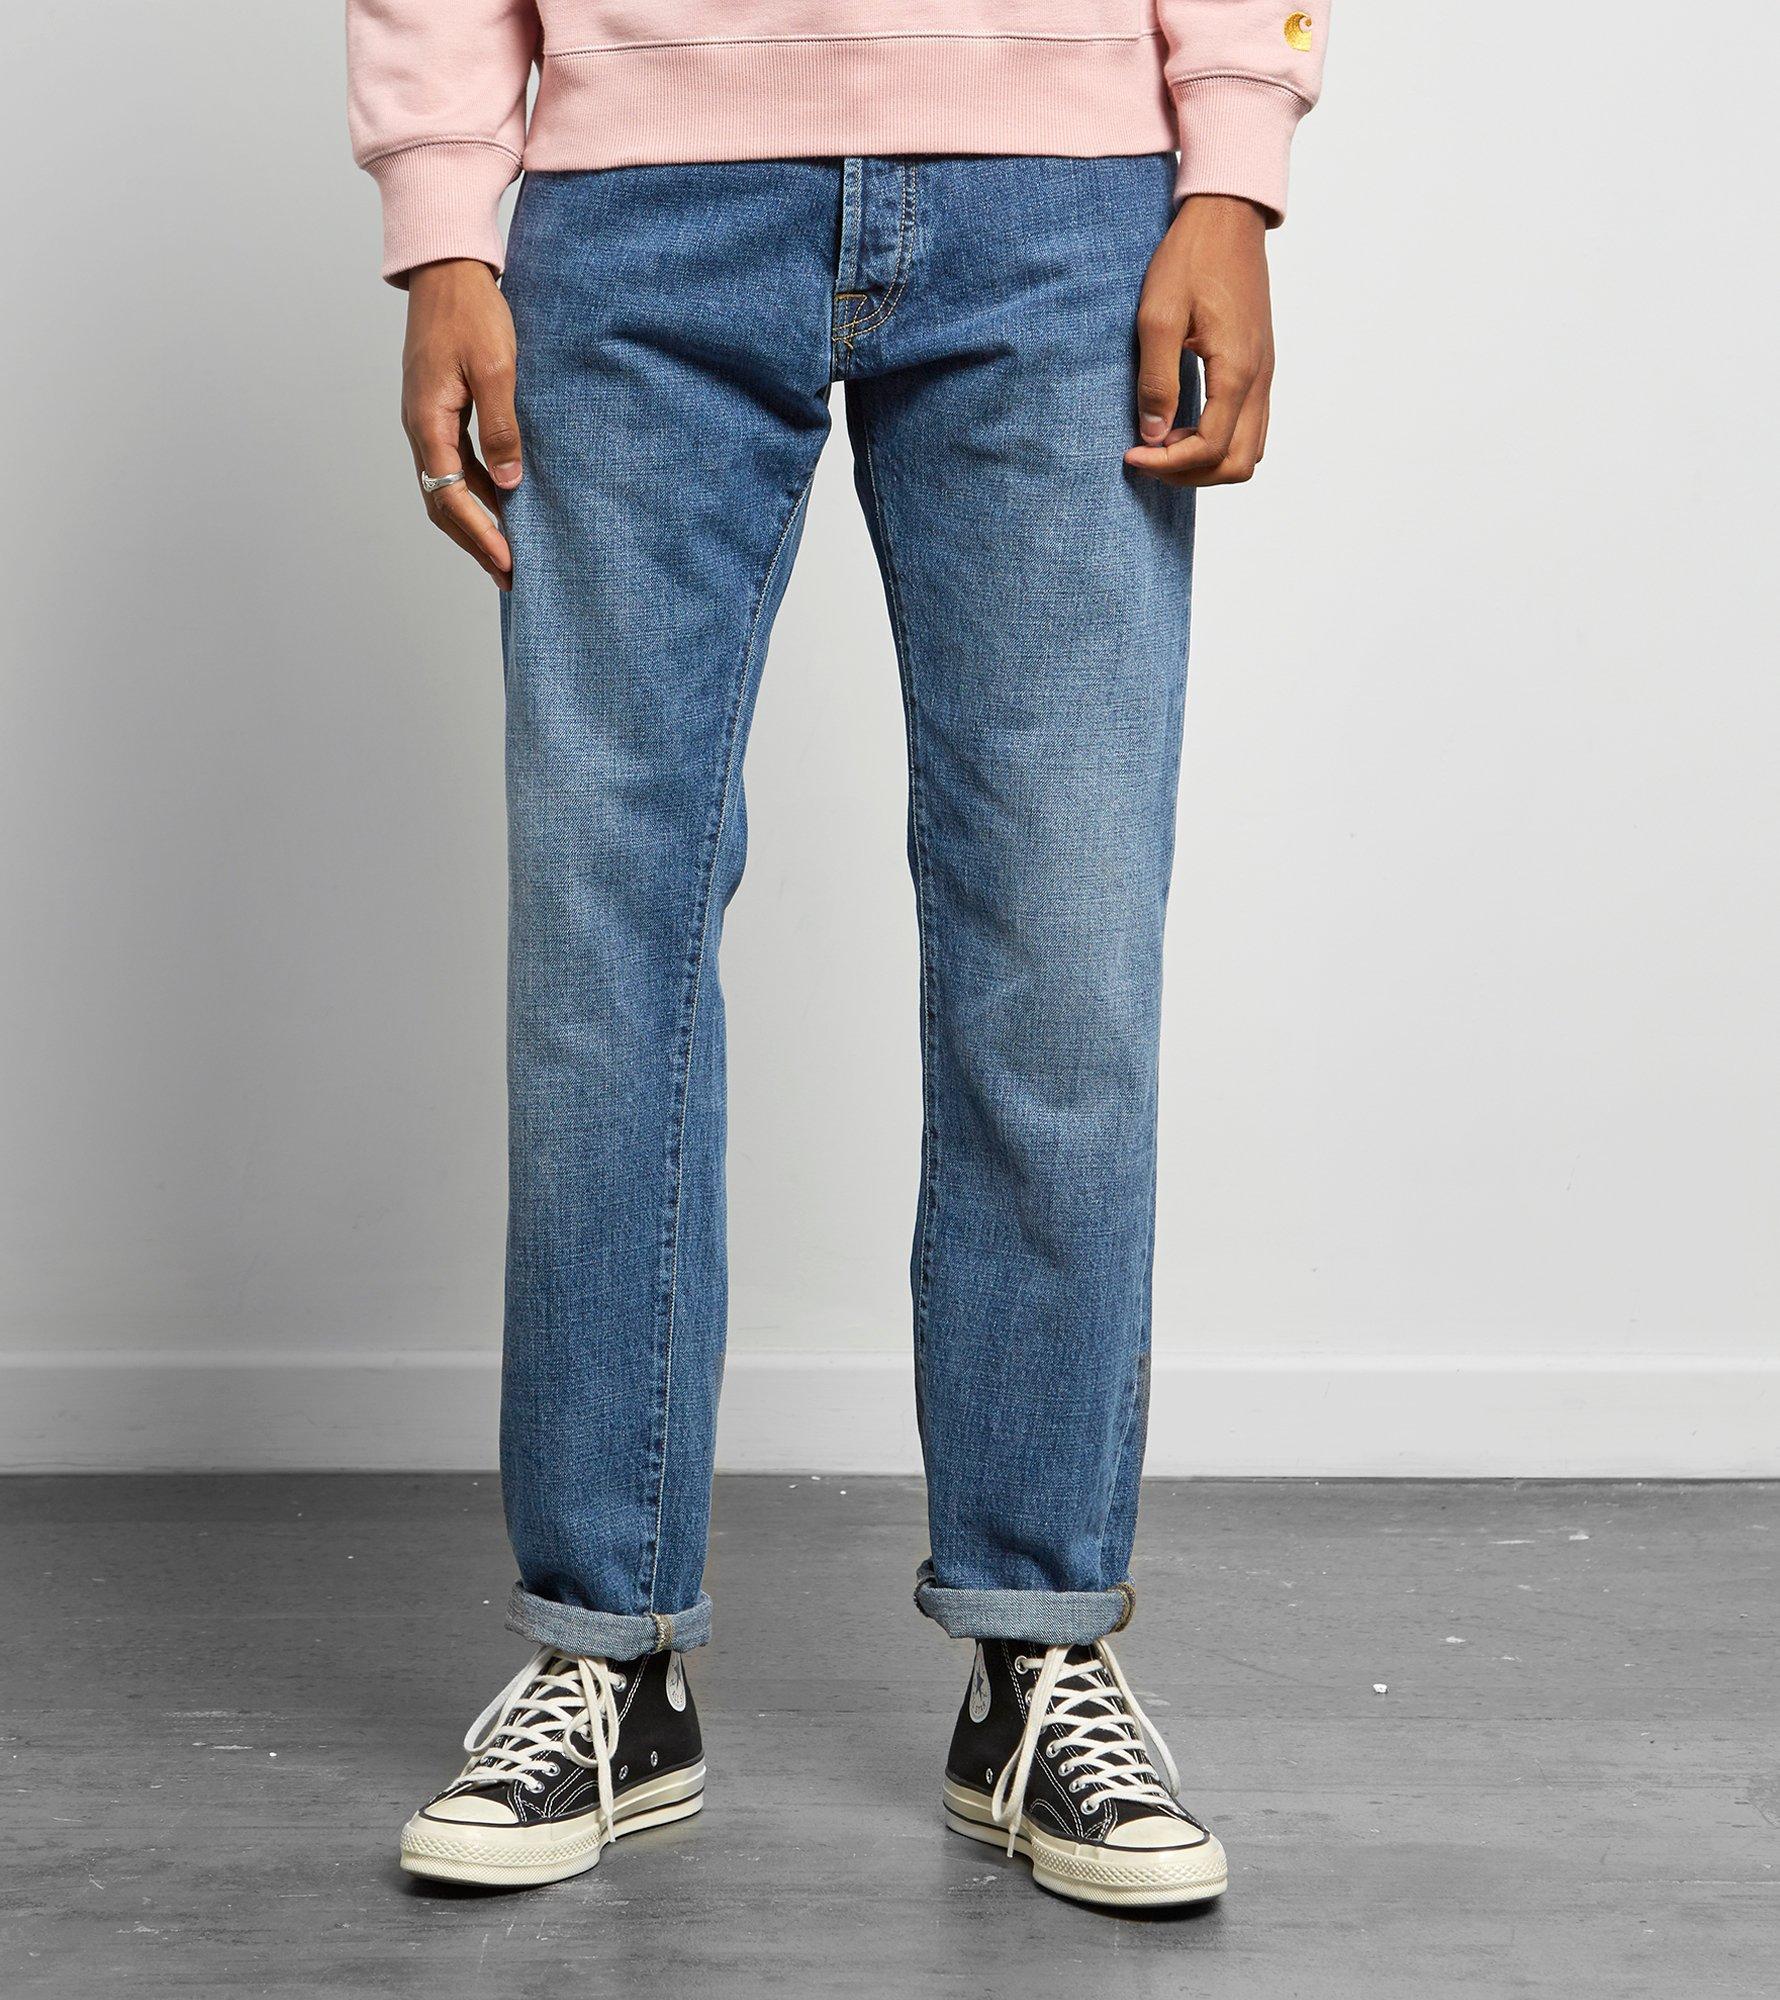 4ce11c05f49 Carhartt WIP Klondike Selvedge Jeans in Blue for Men - Lyst